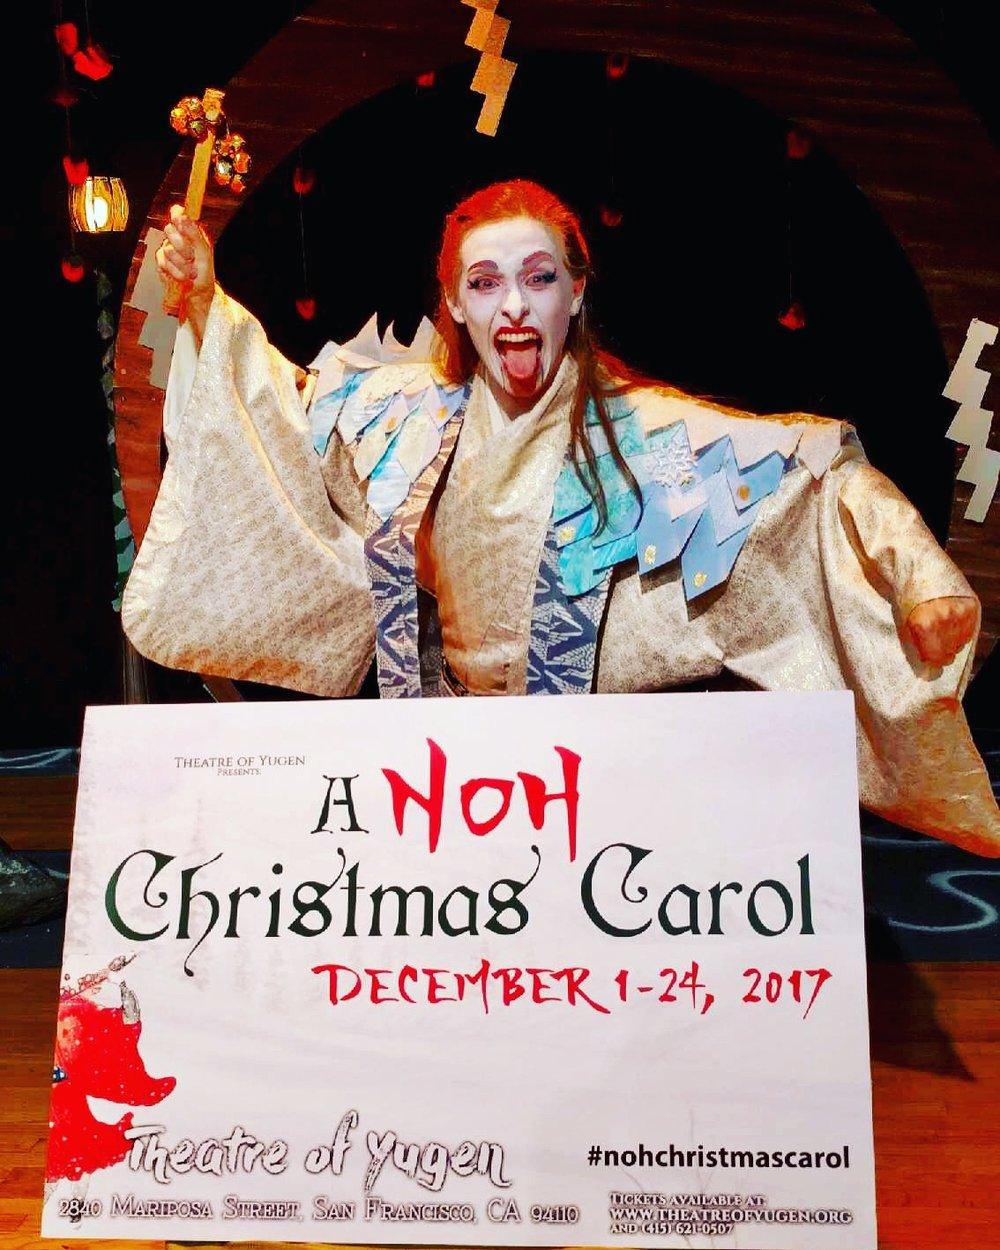 A Noh Christmas Carol, 2017